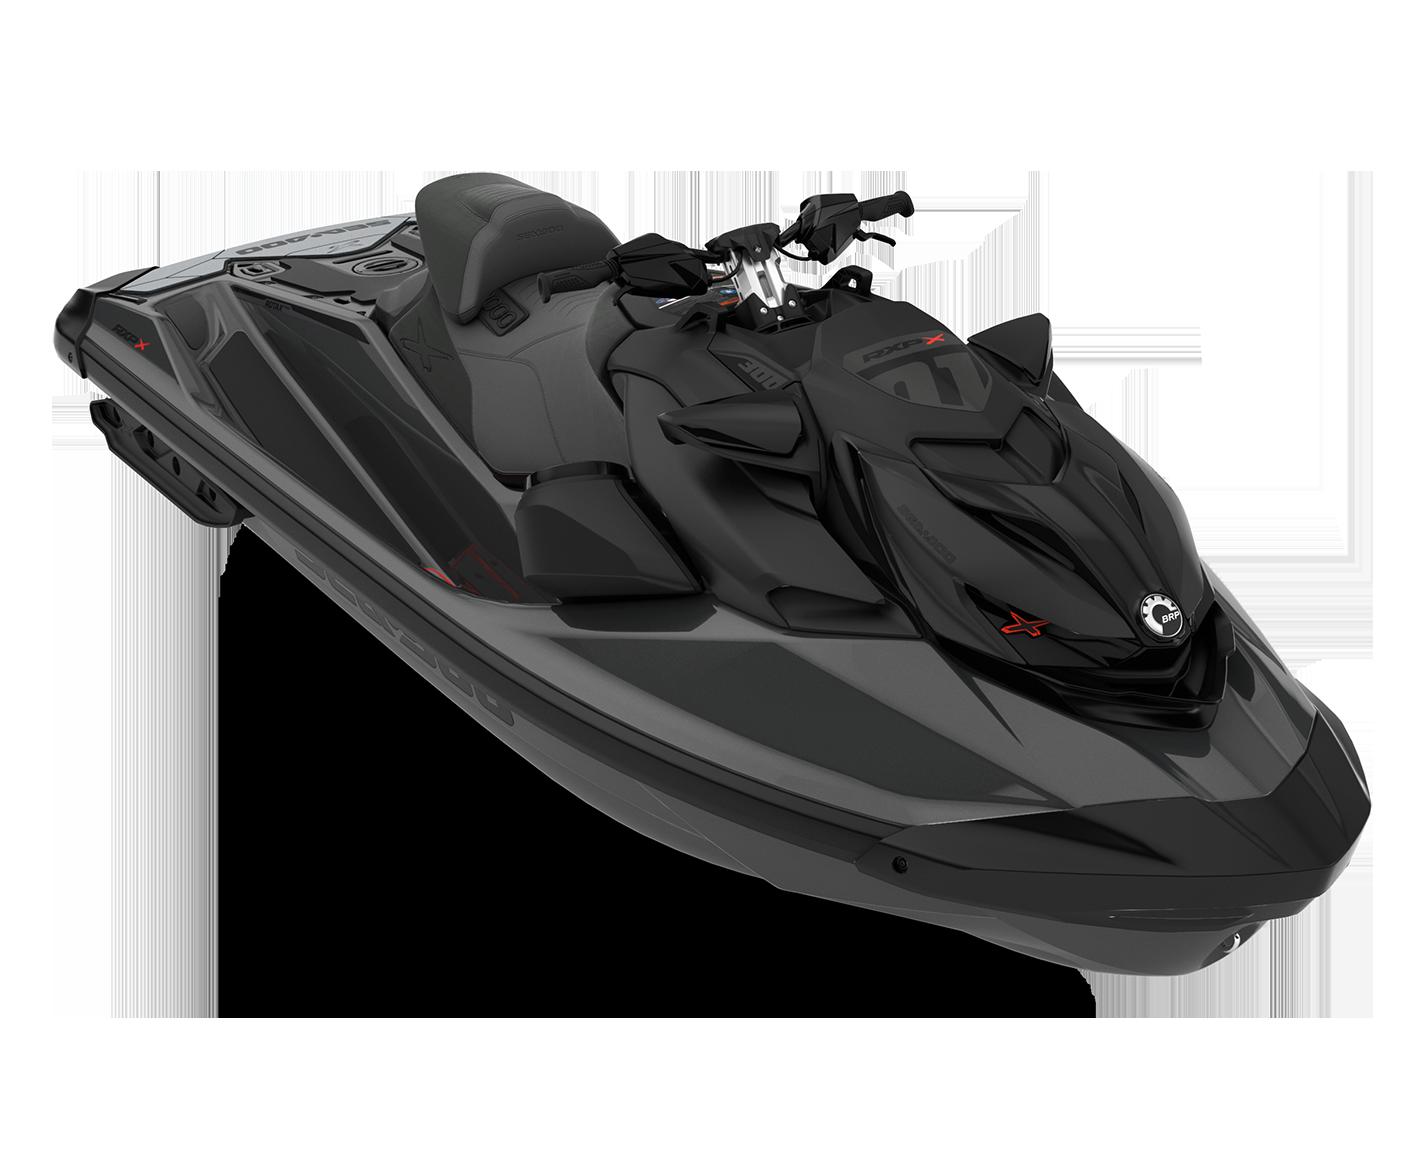 Comprar moto de agua Sea-Doo RXP-X RS 300 en Barcelona